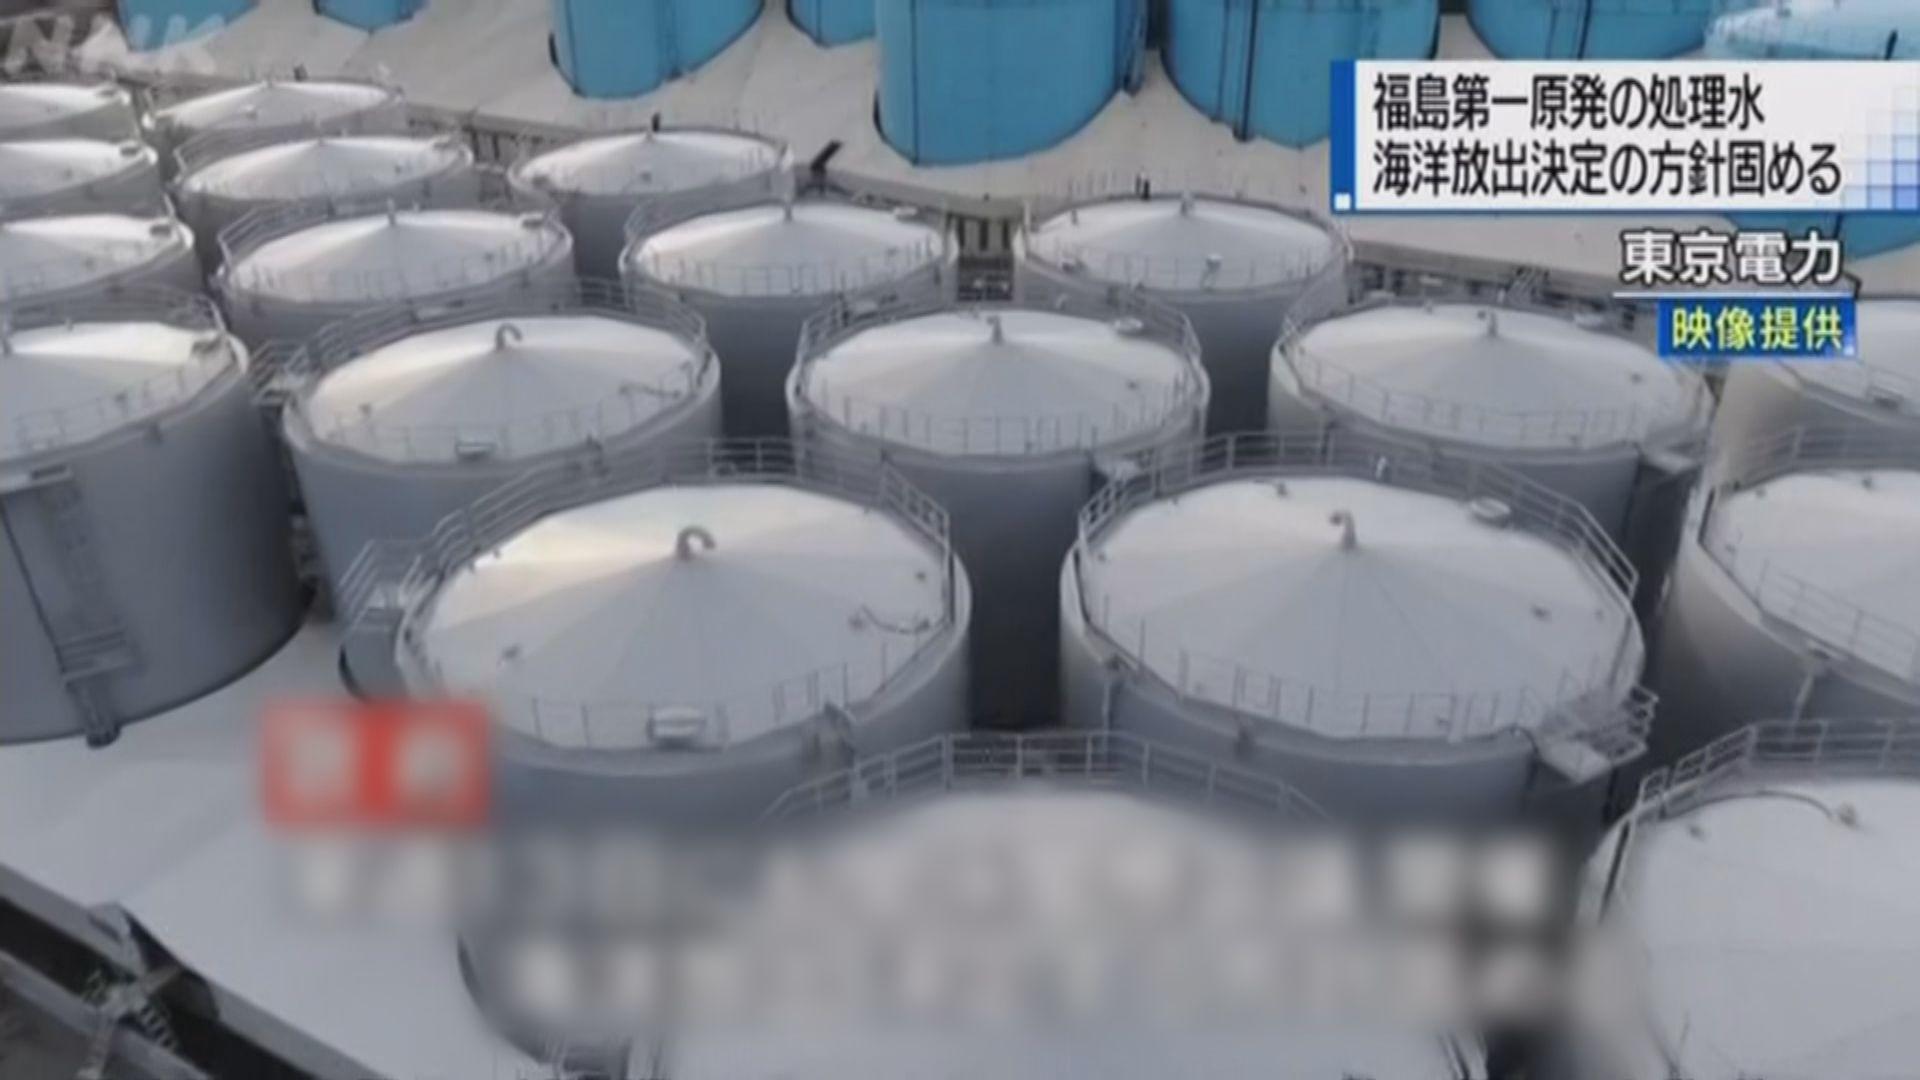 日本決定將福島核電站核廢水排入海洋 南韓深表遺憾